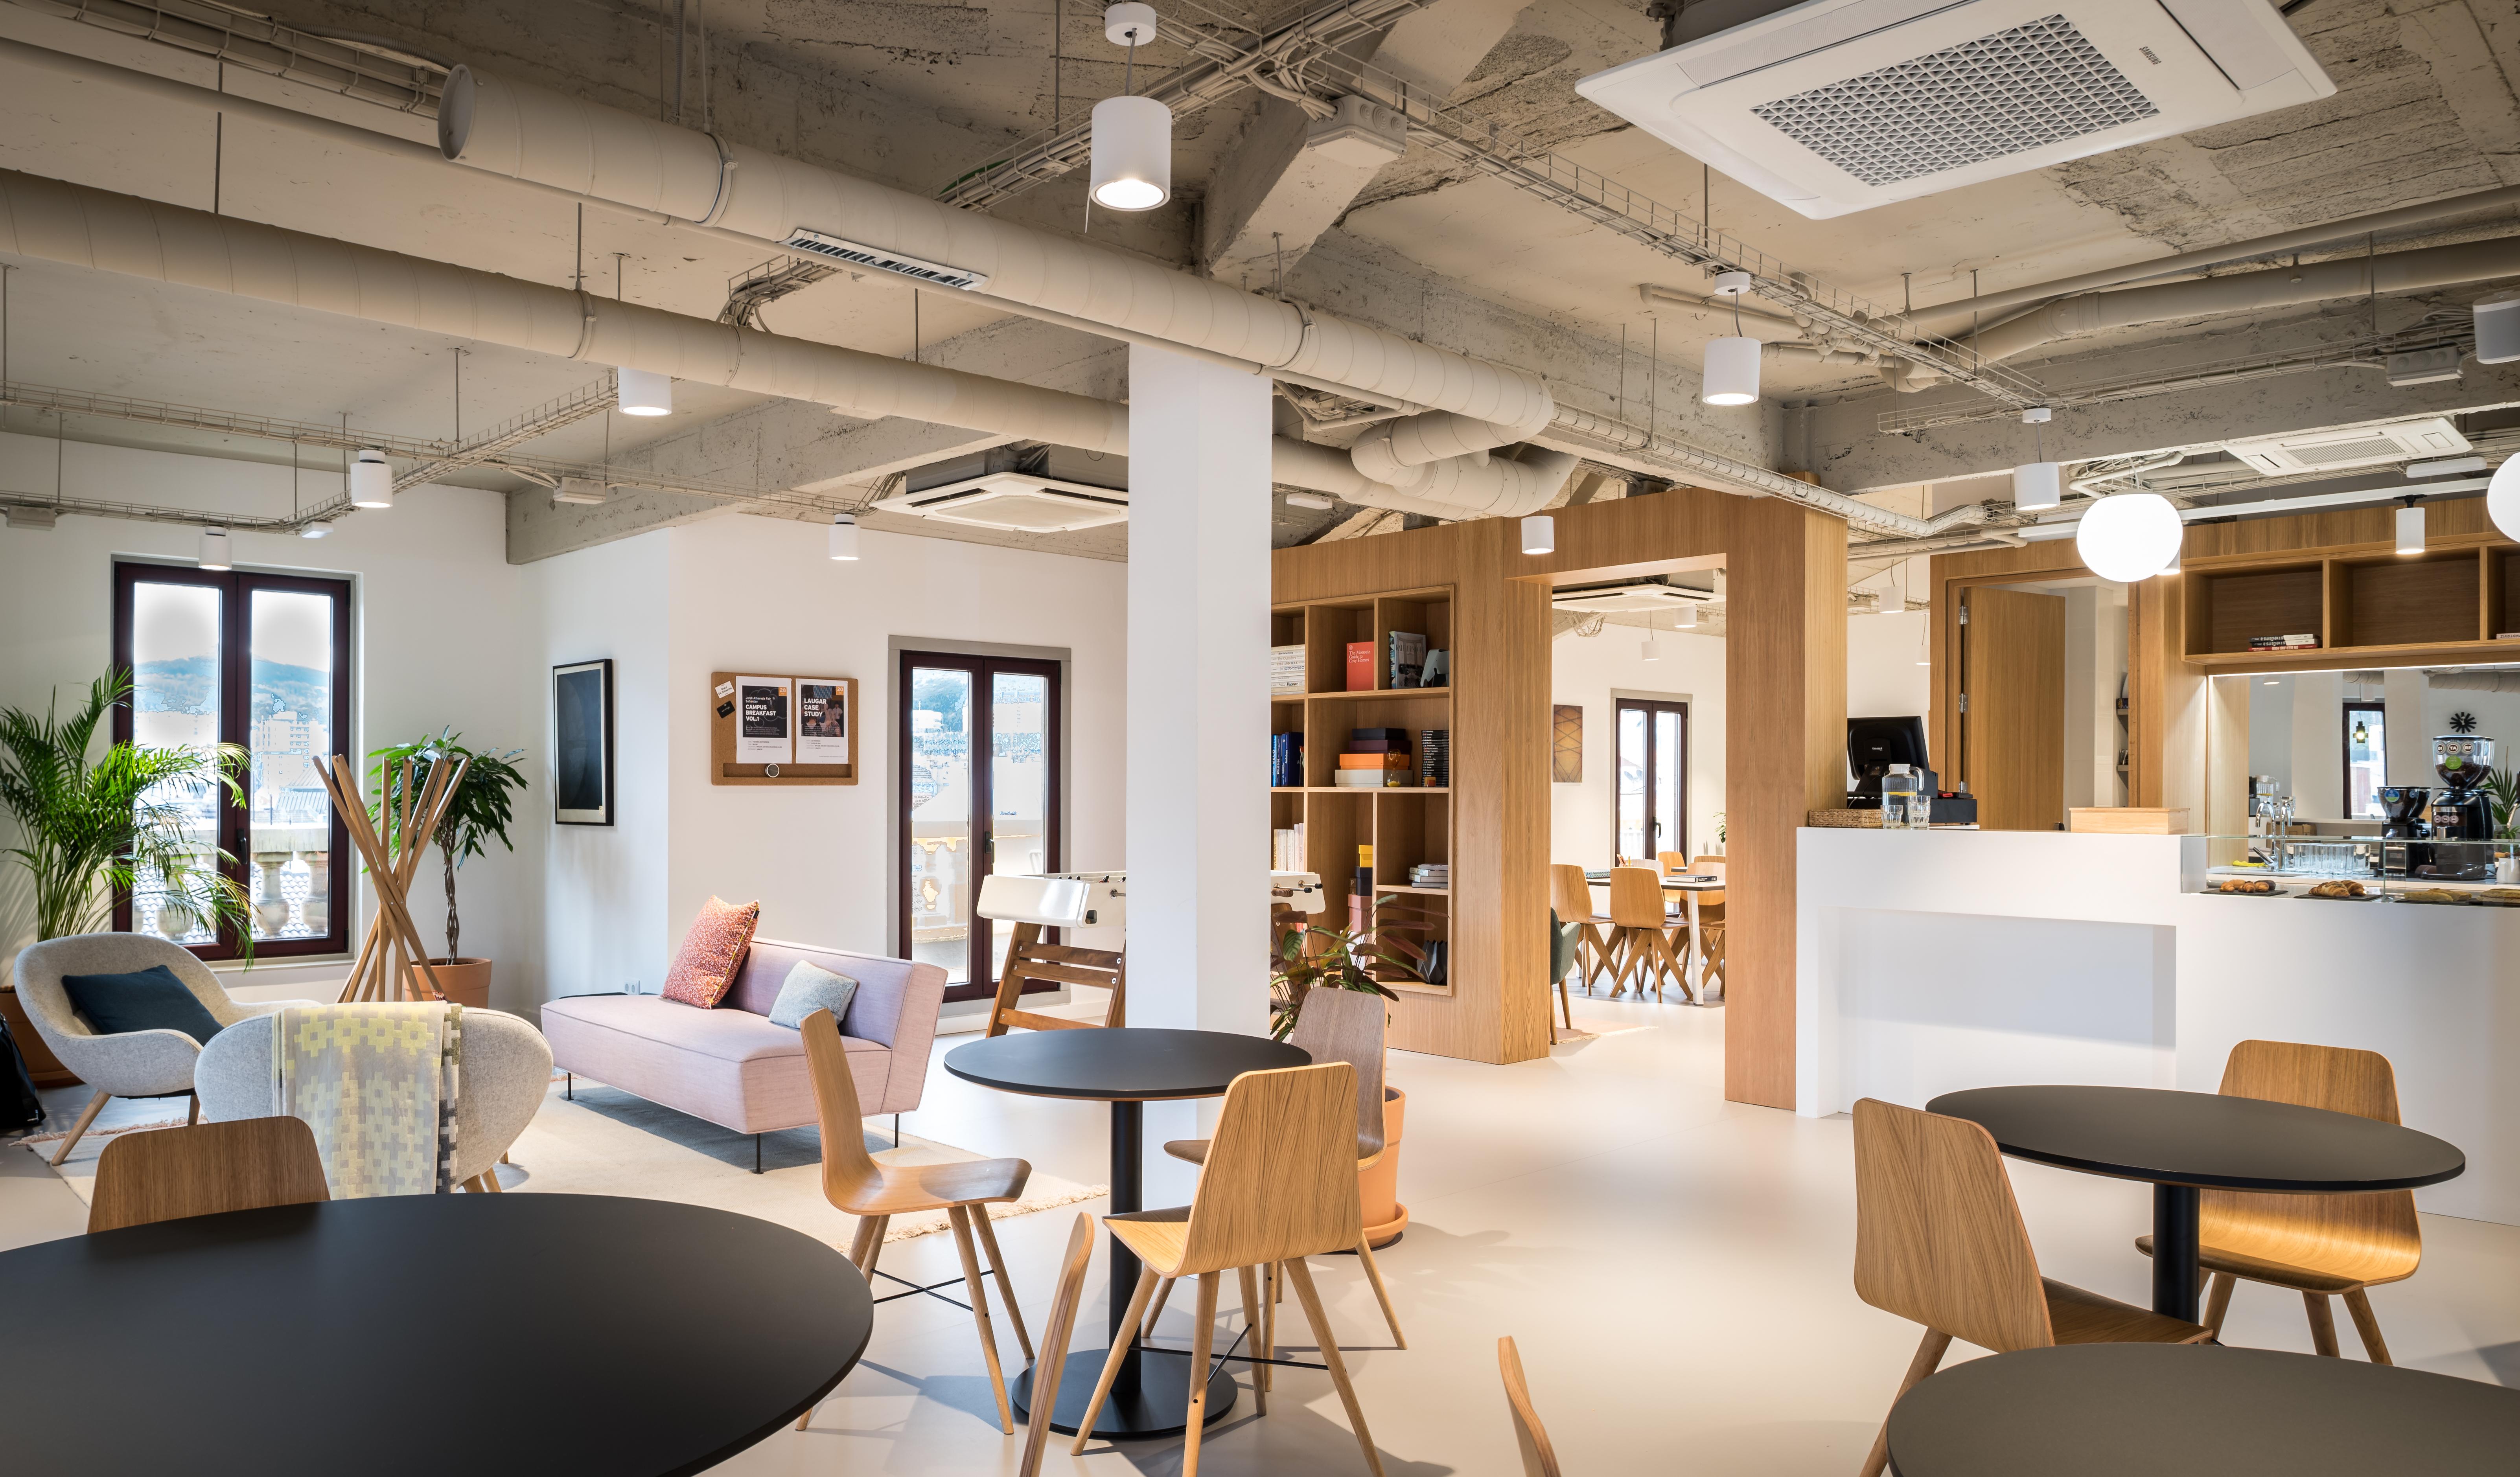 Un espacio abierto y de diseño